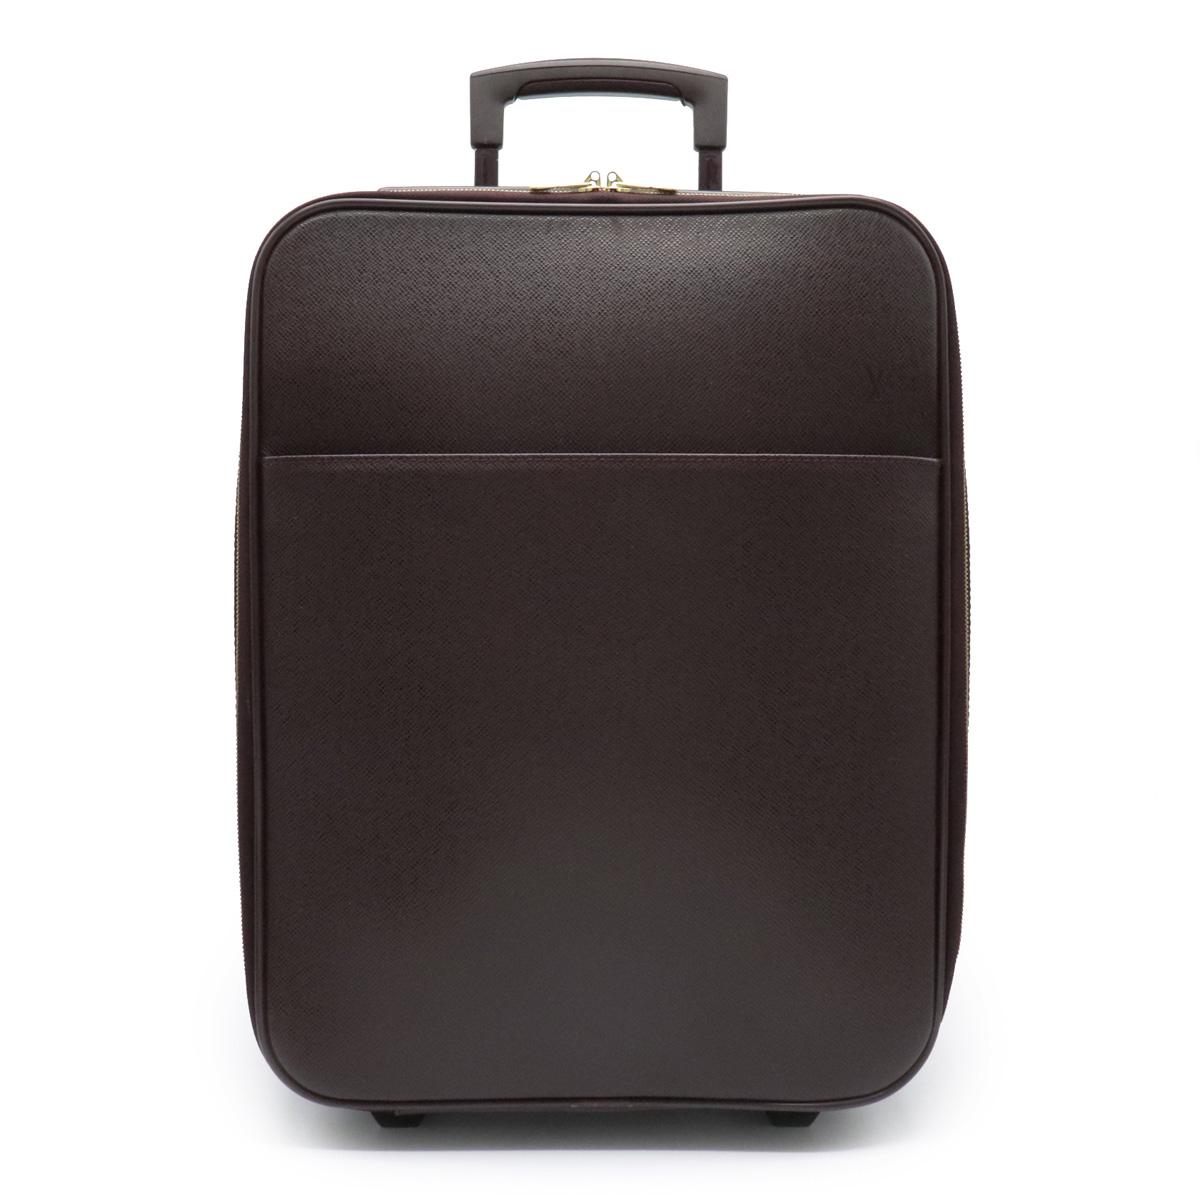 【バッグ】LOUIS VUITTON ルイ ヴィトン タイガ ペガス45 スーツケース キャリーバッグ キャリーケース 旅行用 トラベル レザー アカジュー M23276 【中古】